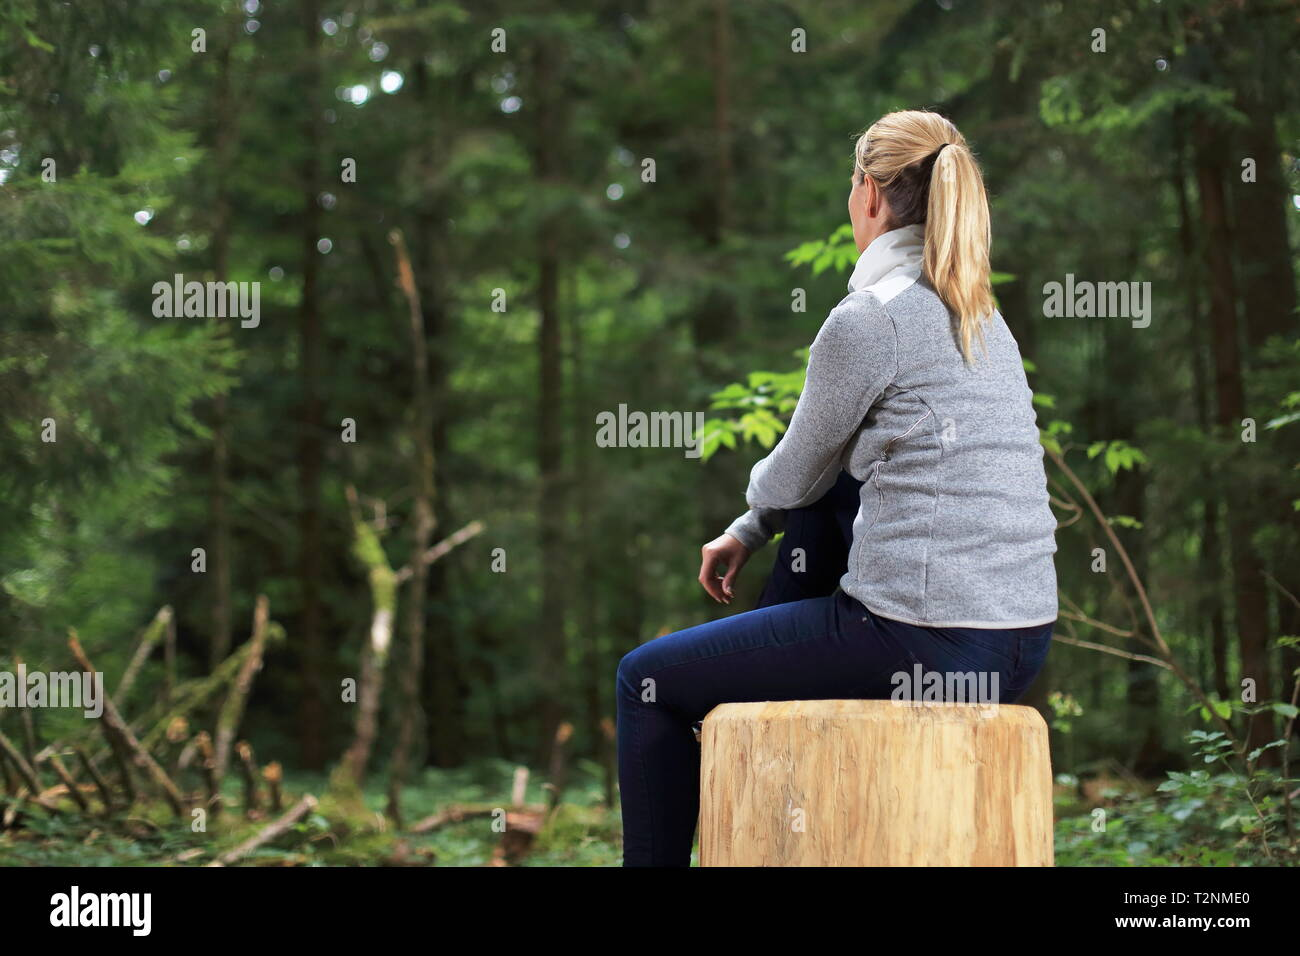 Une femme détendue sur un tronc d'arbre dans une forêt Photo Stock